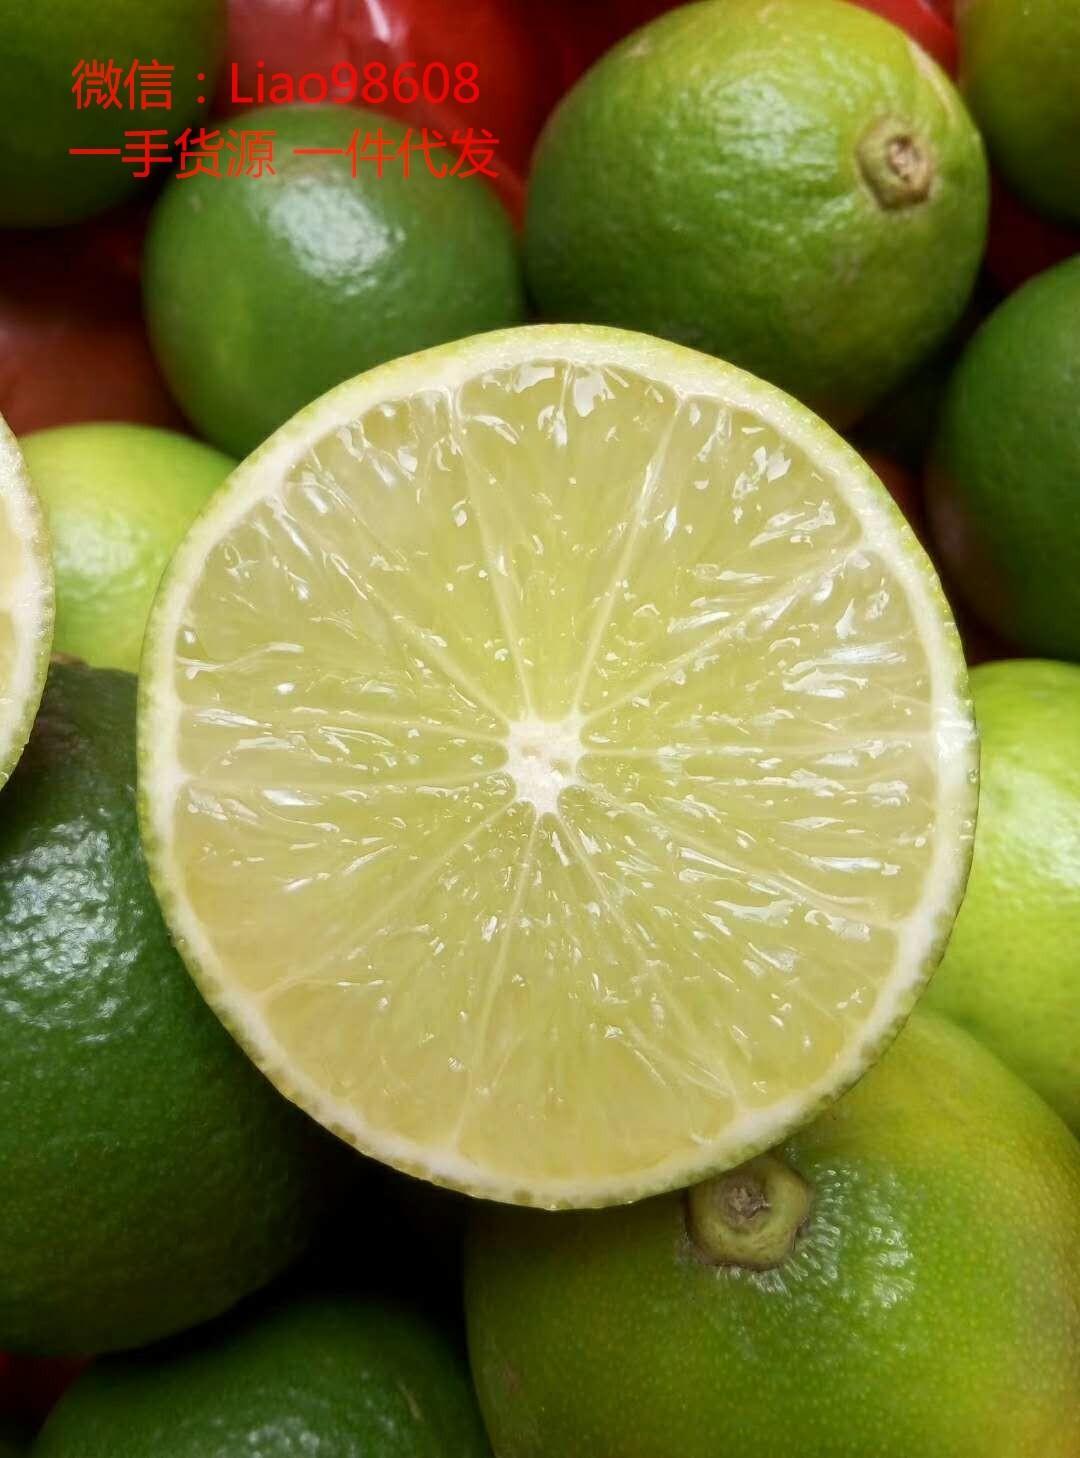 水果微商一手货源 果园基地产地直发 一件代发 免费代理